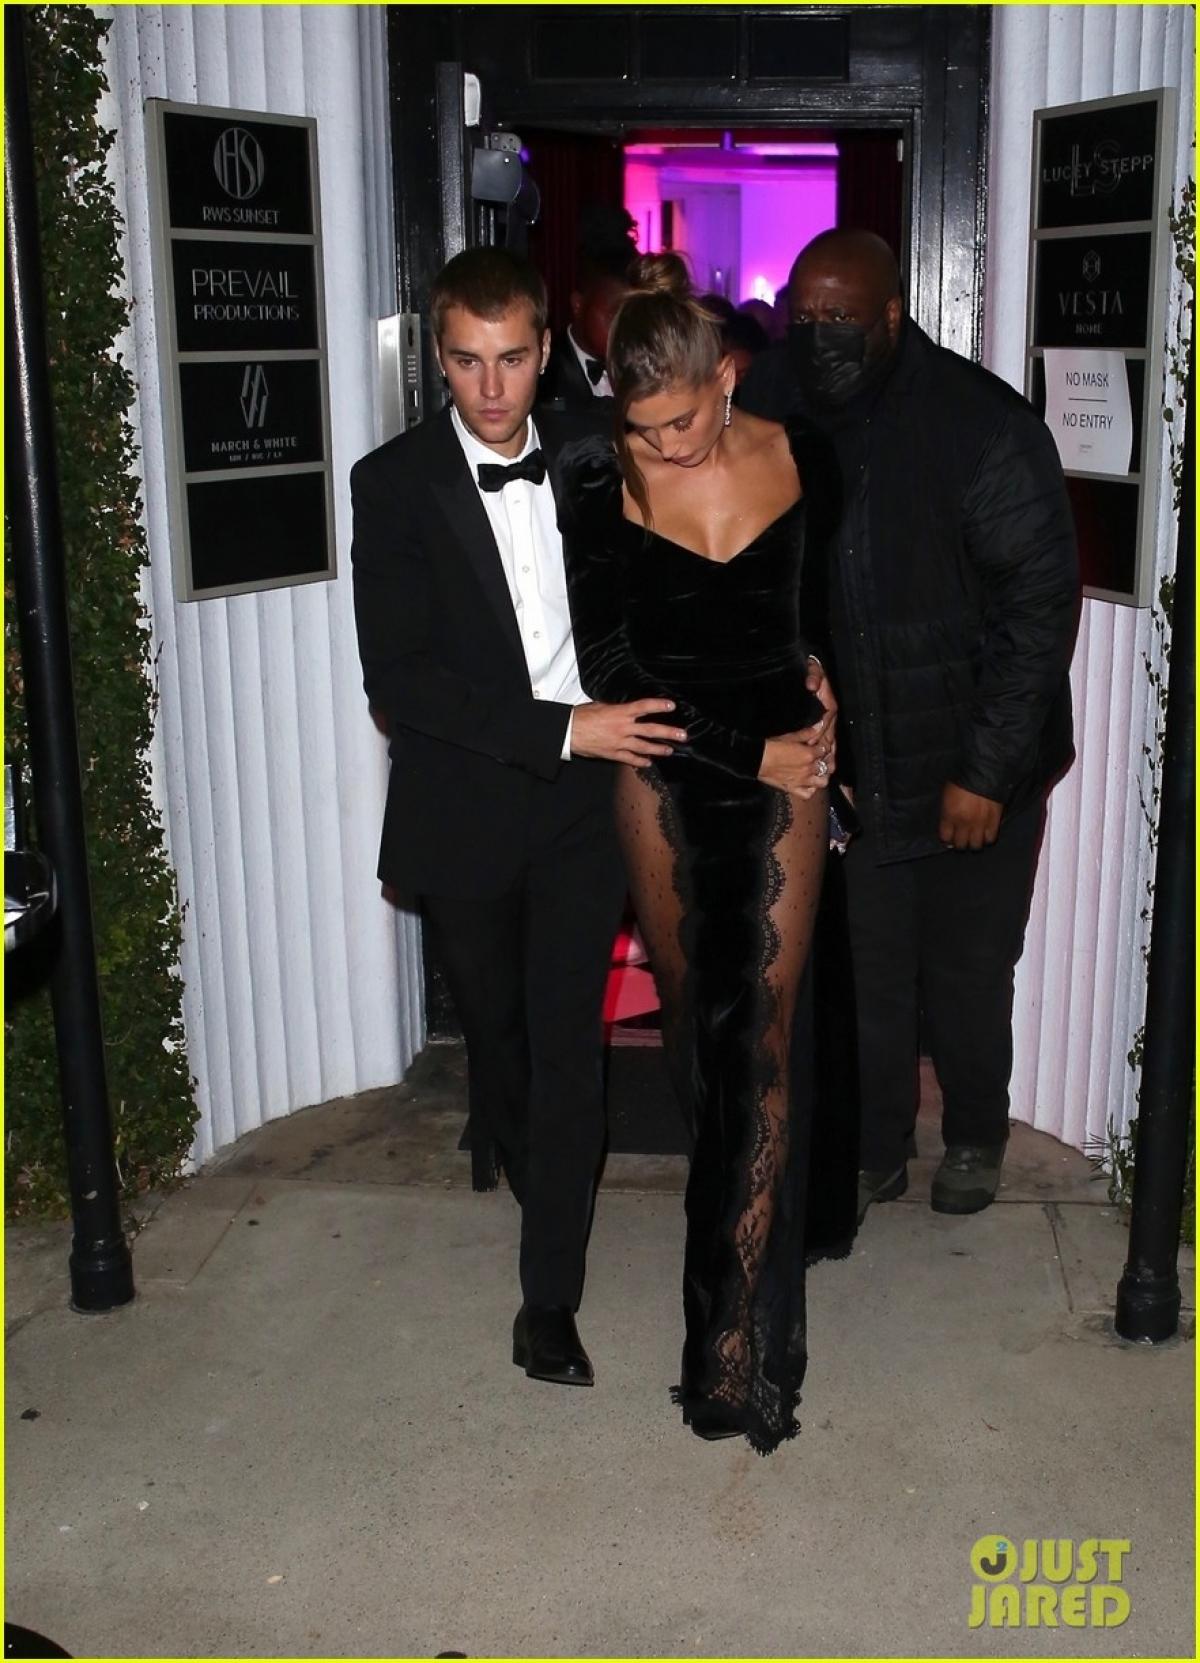 Còn Hailey Bieber diện đầm chất liệu nhung trẻ trung. Thiết kế có điểm nhấn là chi tiết bèo nhún ở phần vai, phần tà xẻ sâu với họa tiết ren xuyên thấu.